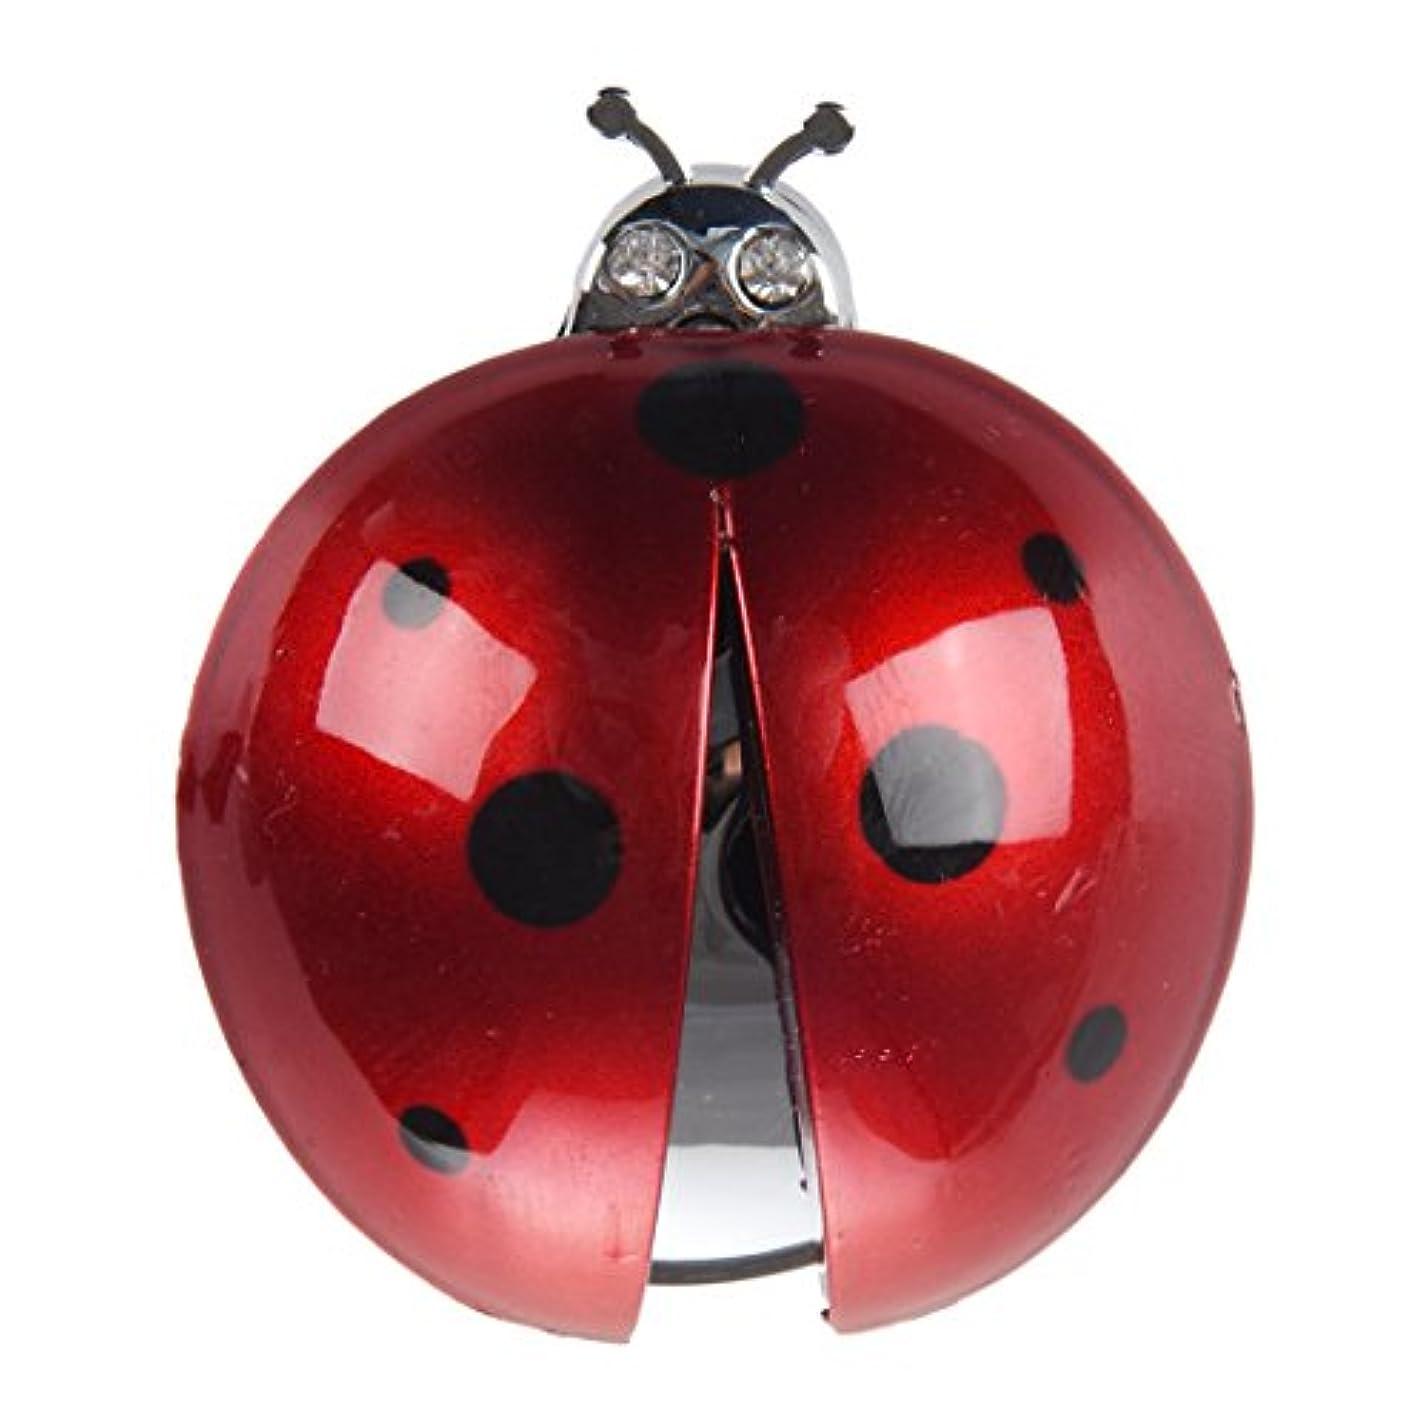 雨の修道院蚊Naliovker Naliovker(R)車の空気ベント てんとう虫のデザイン フレグランス 清浄 芳香 ダークレッド